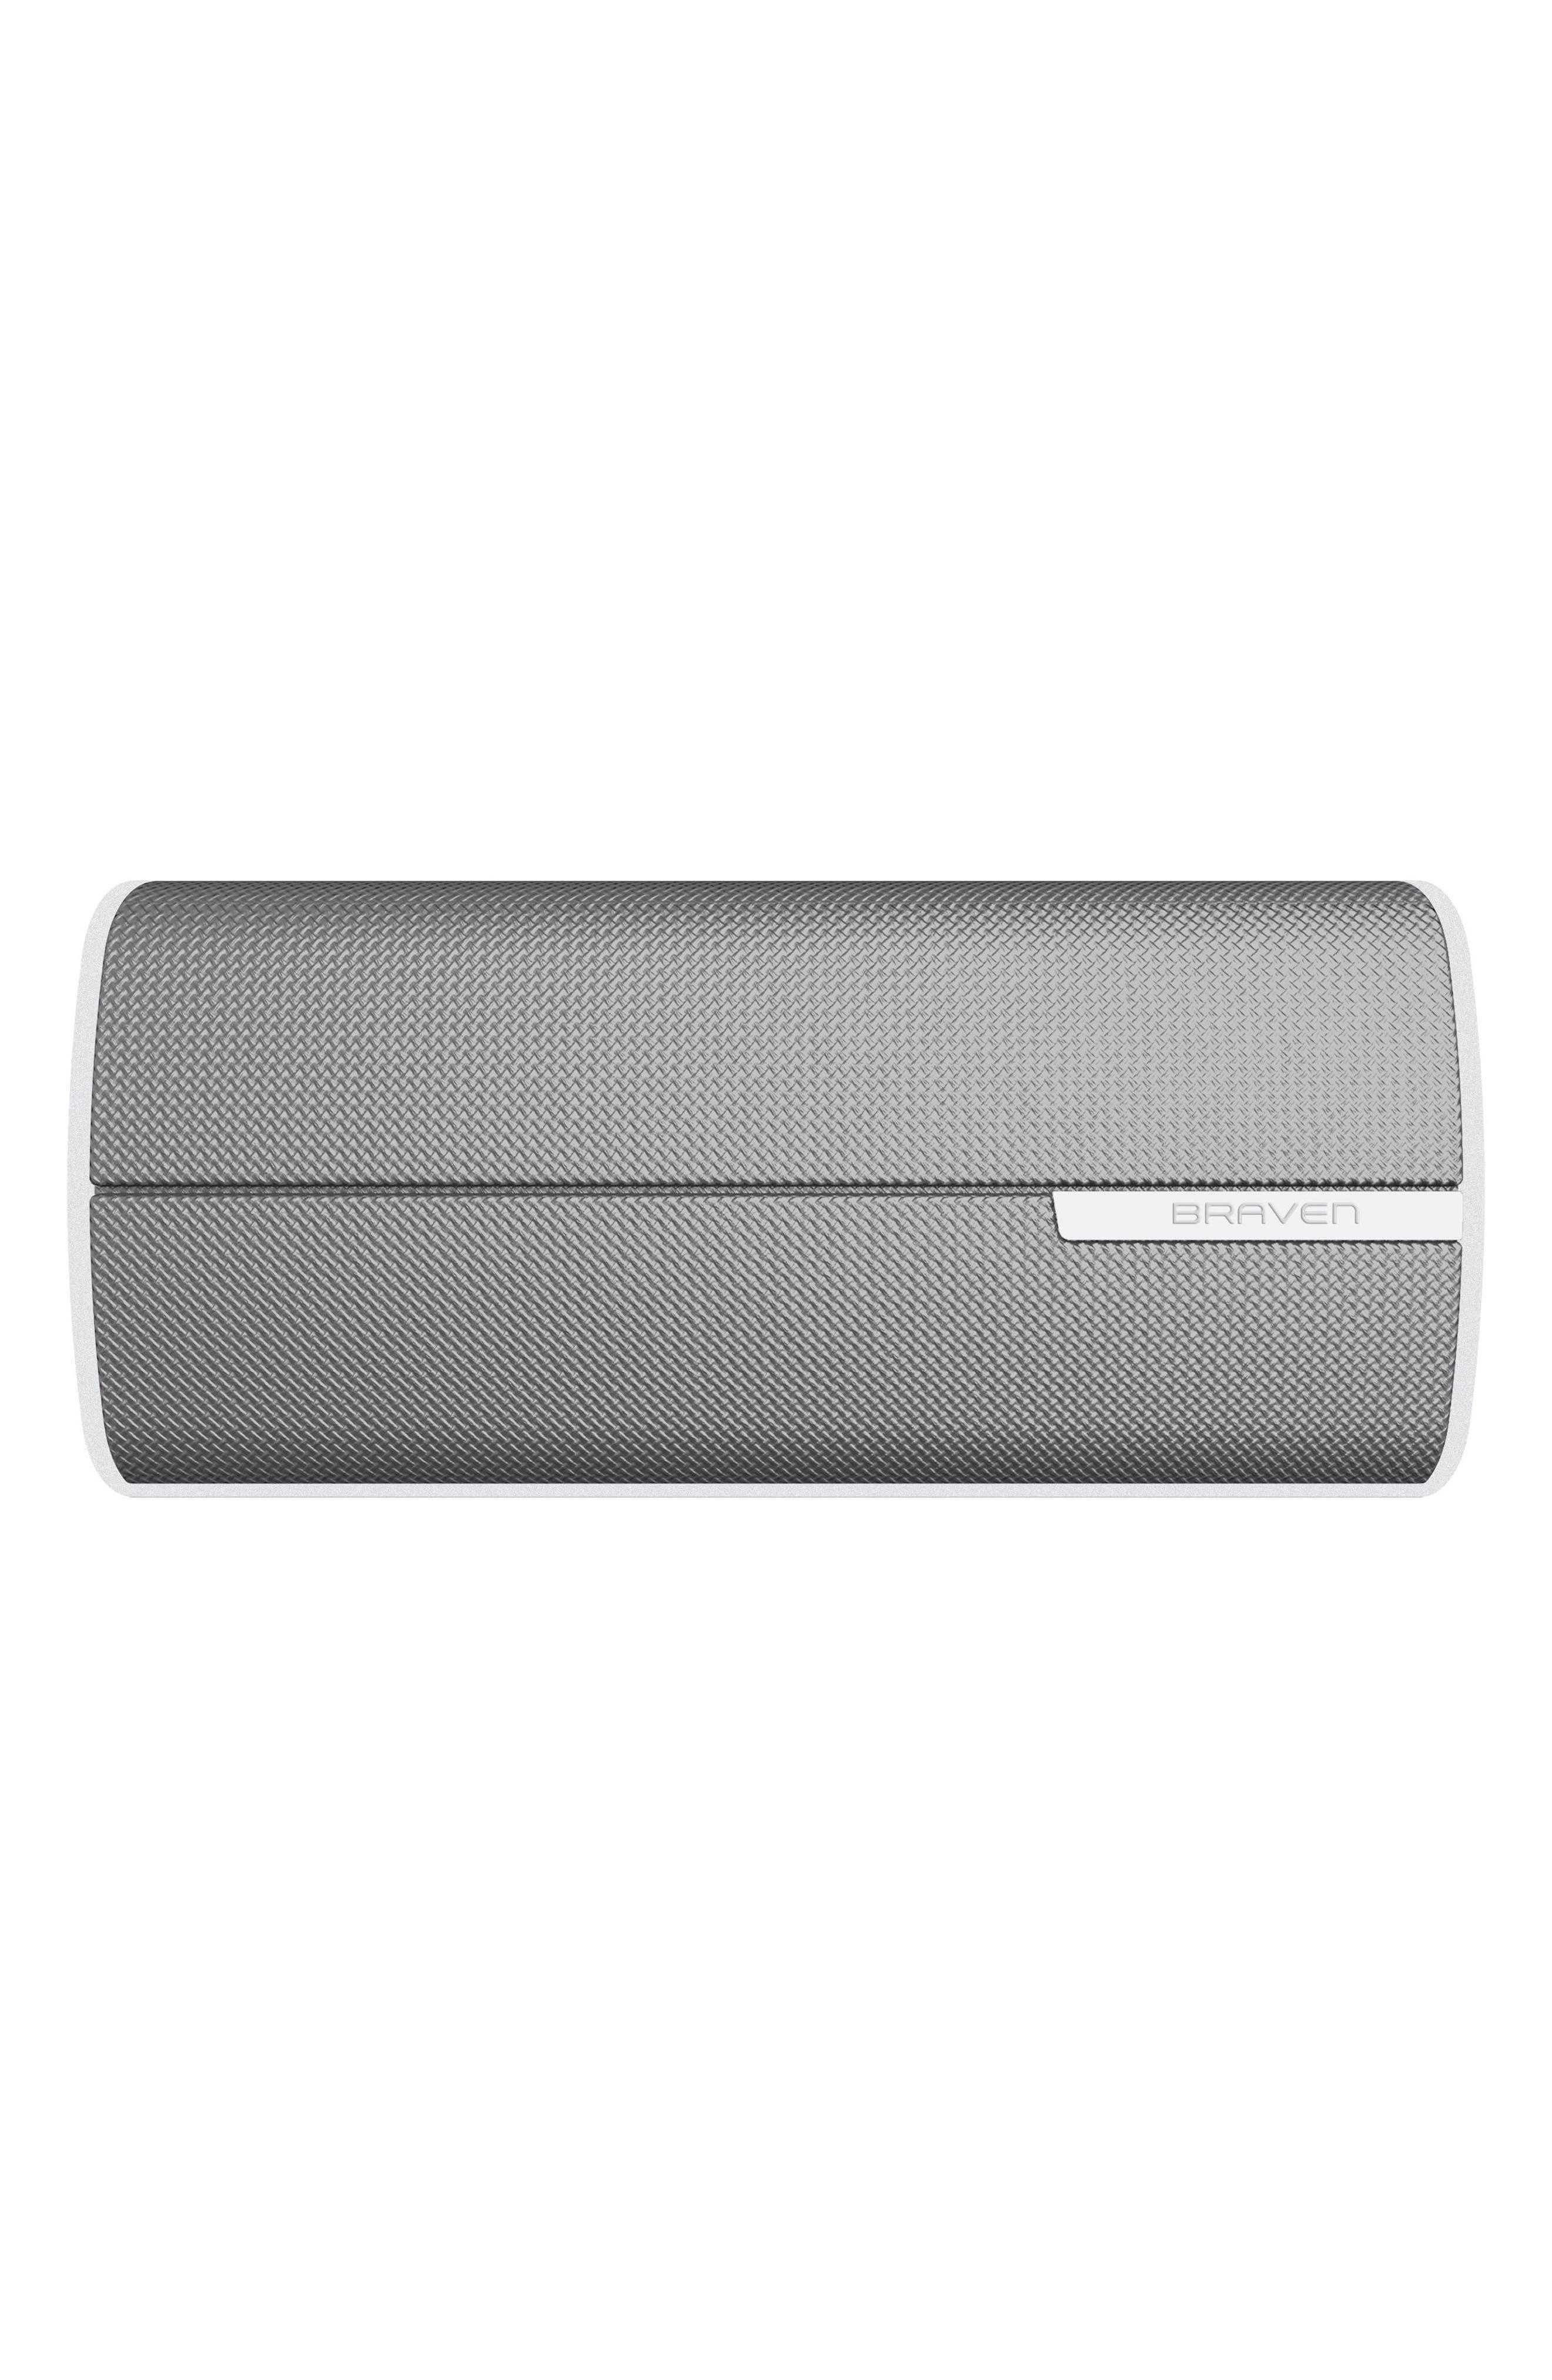 BRAVEN 2200M Bluetooth Speaker